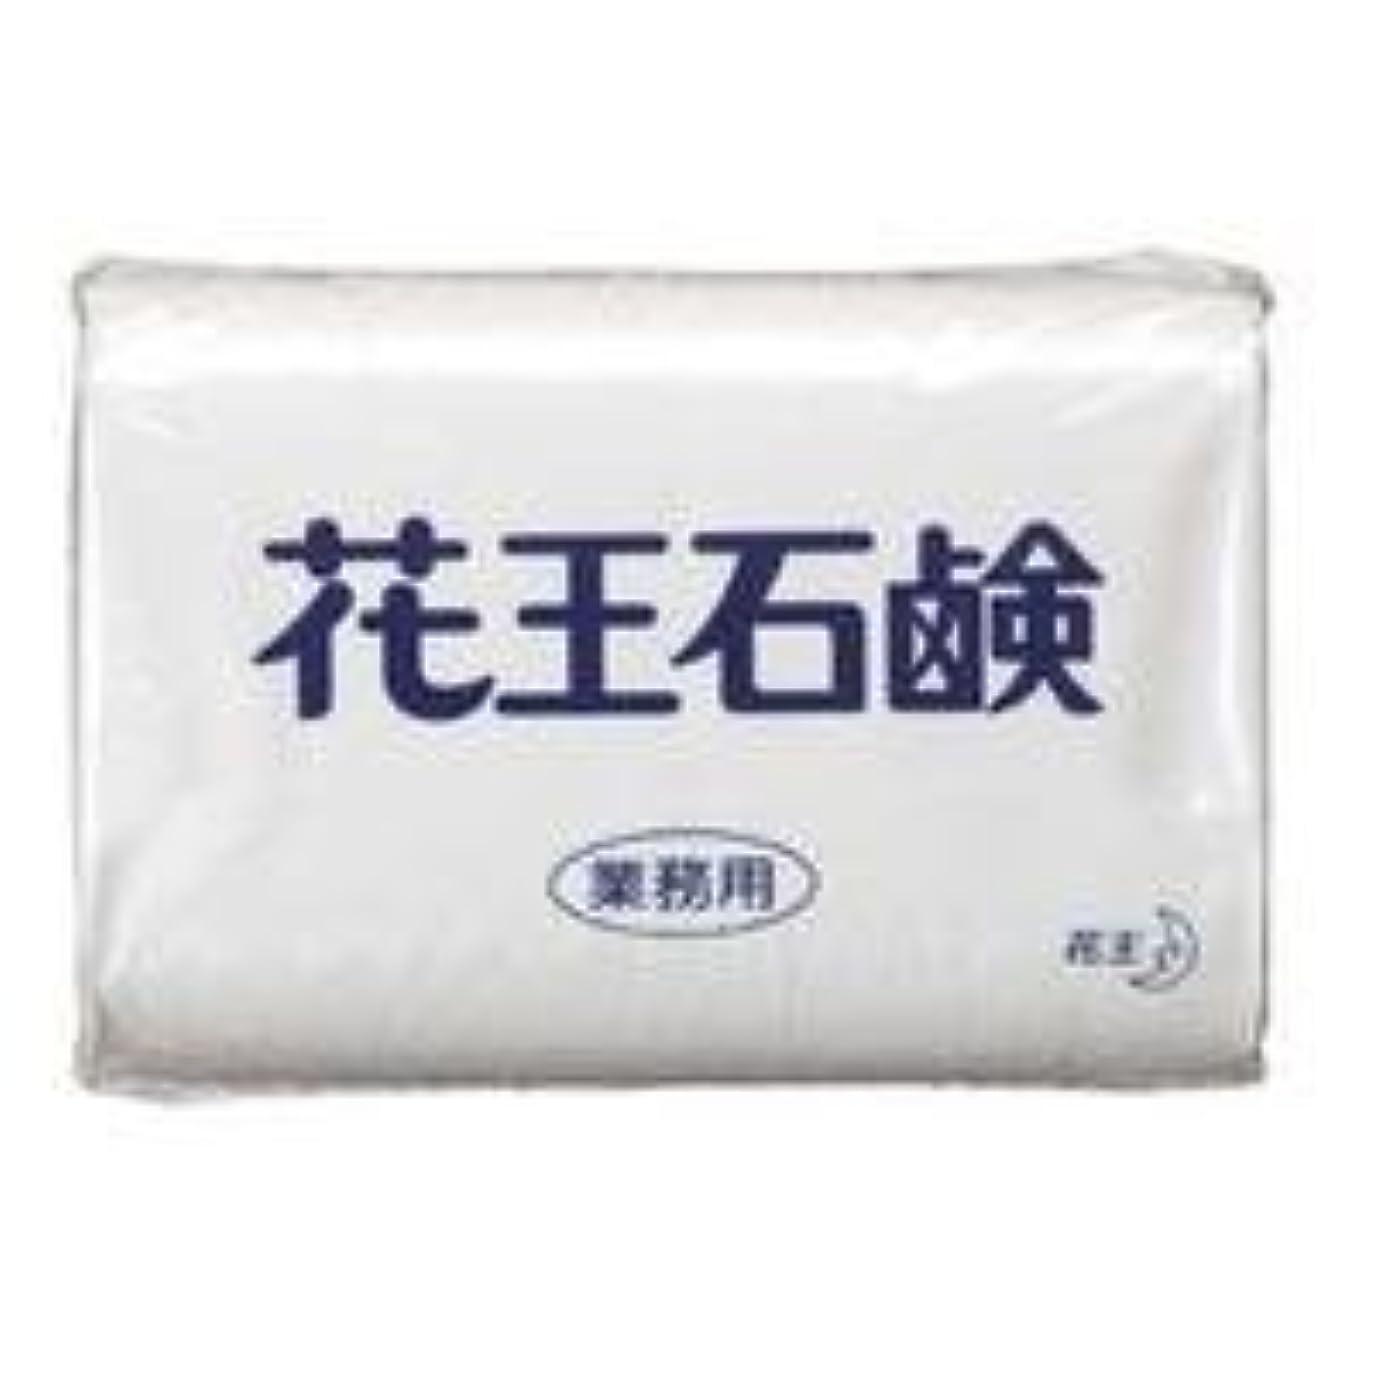 全体ペッカディロ居心地の良い業務用石鹸 85g 3個×40パック(120個入り)